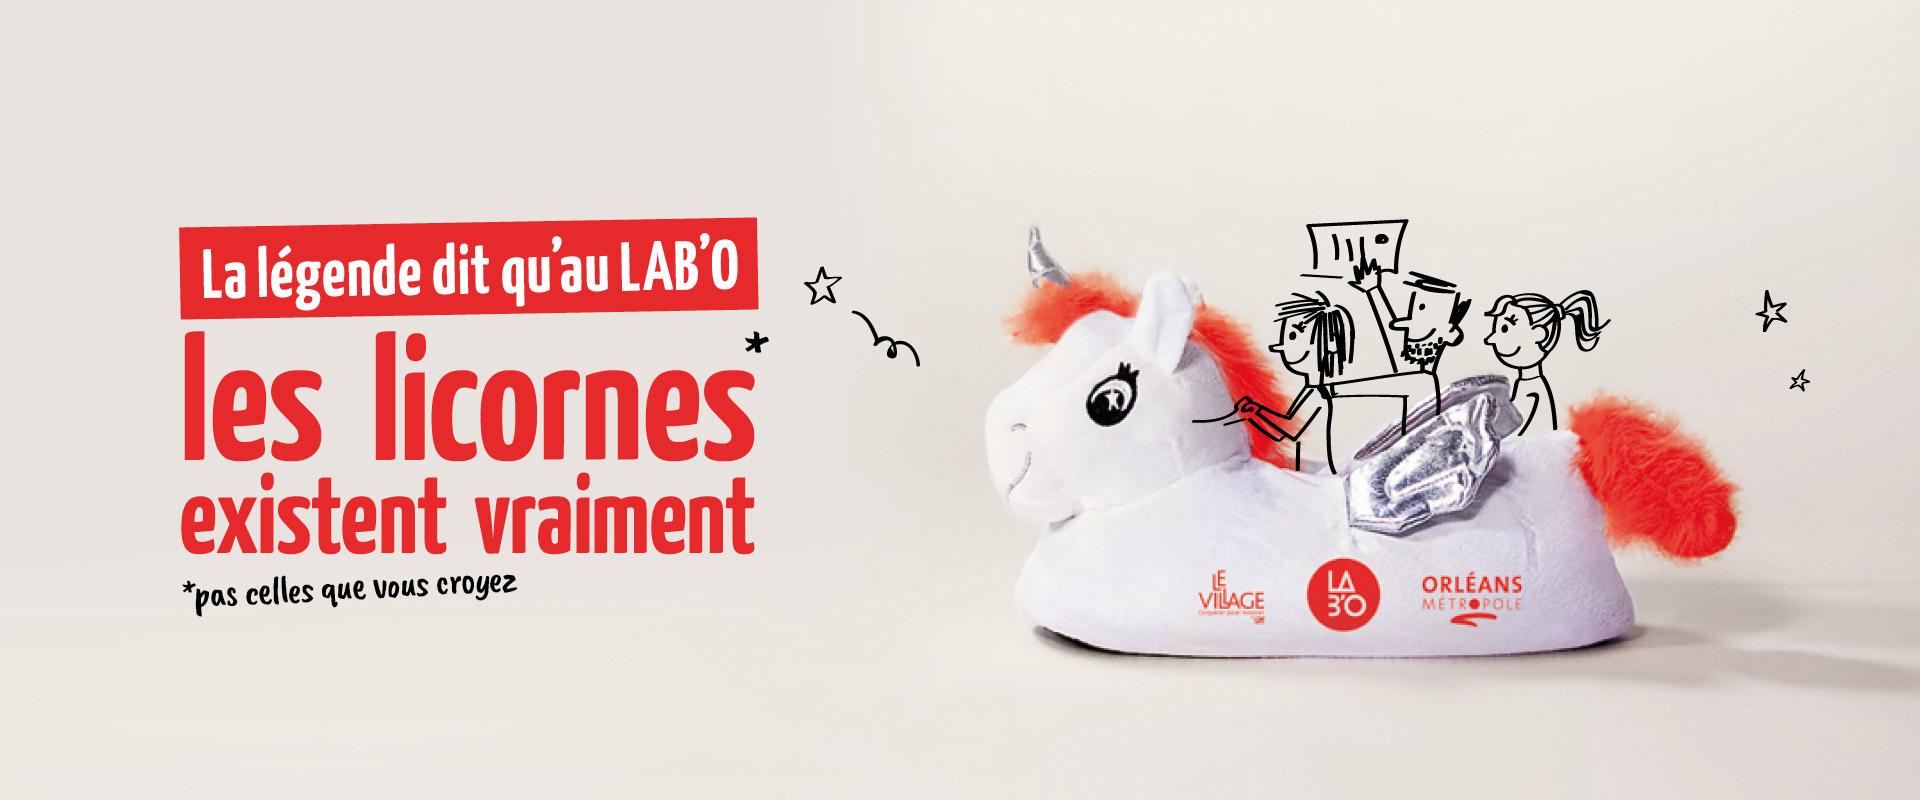 Campagne incubateur numérique startup LabO Orléans par agence publicité communication Buzznative